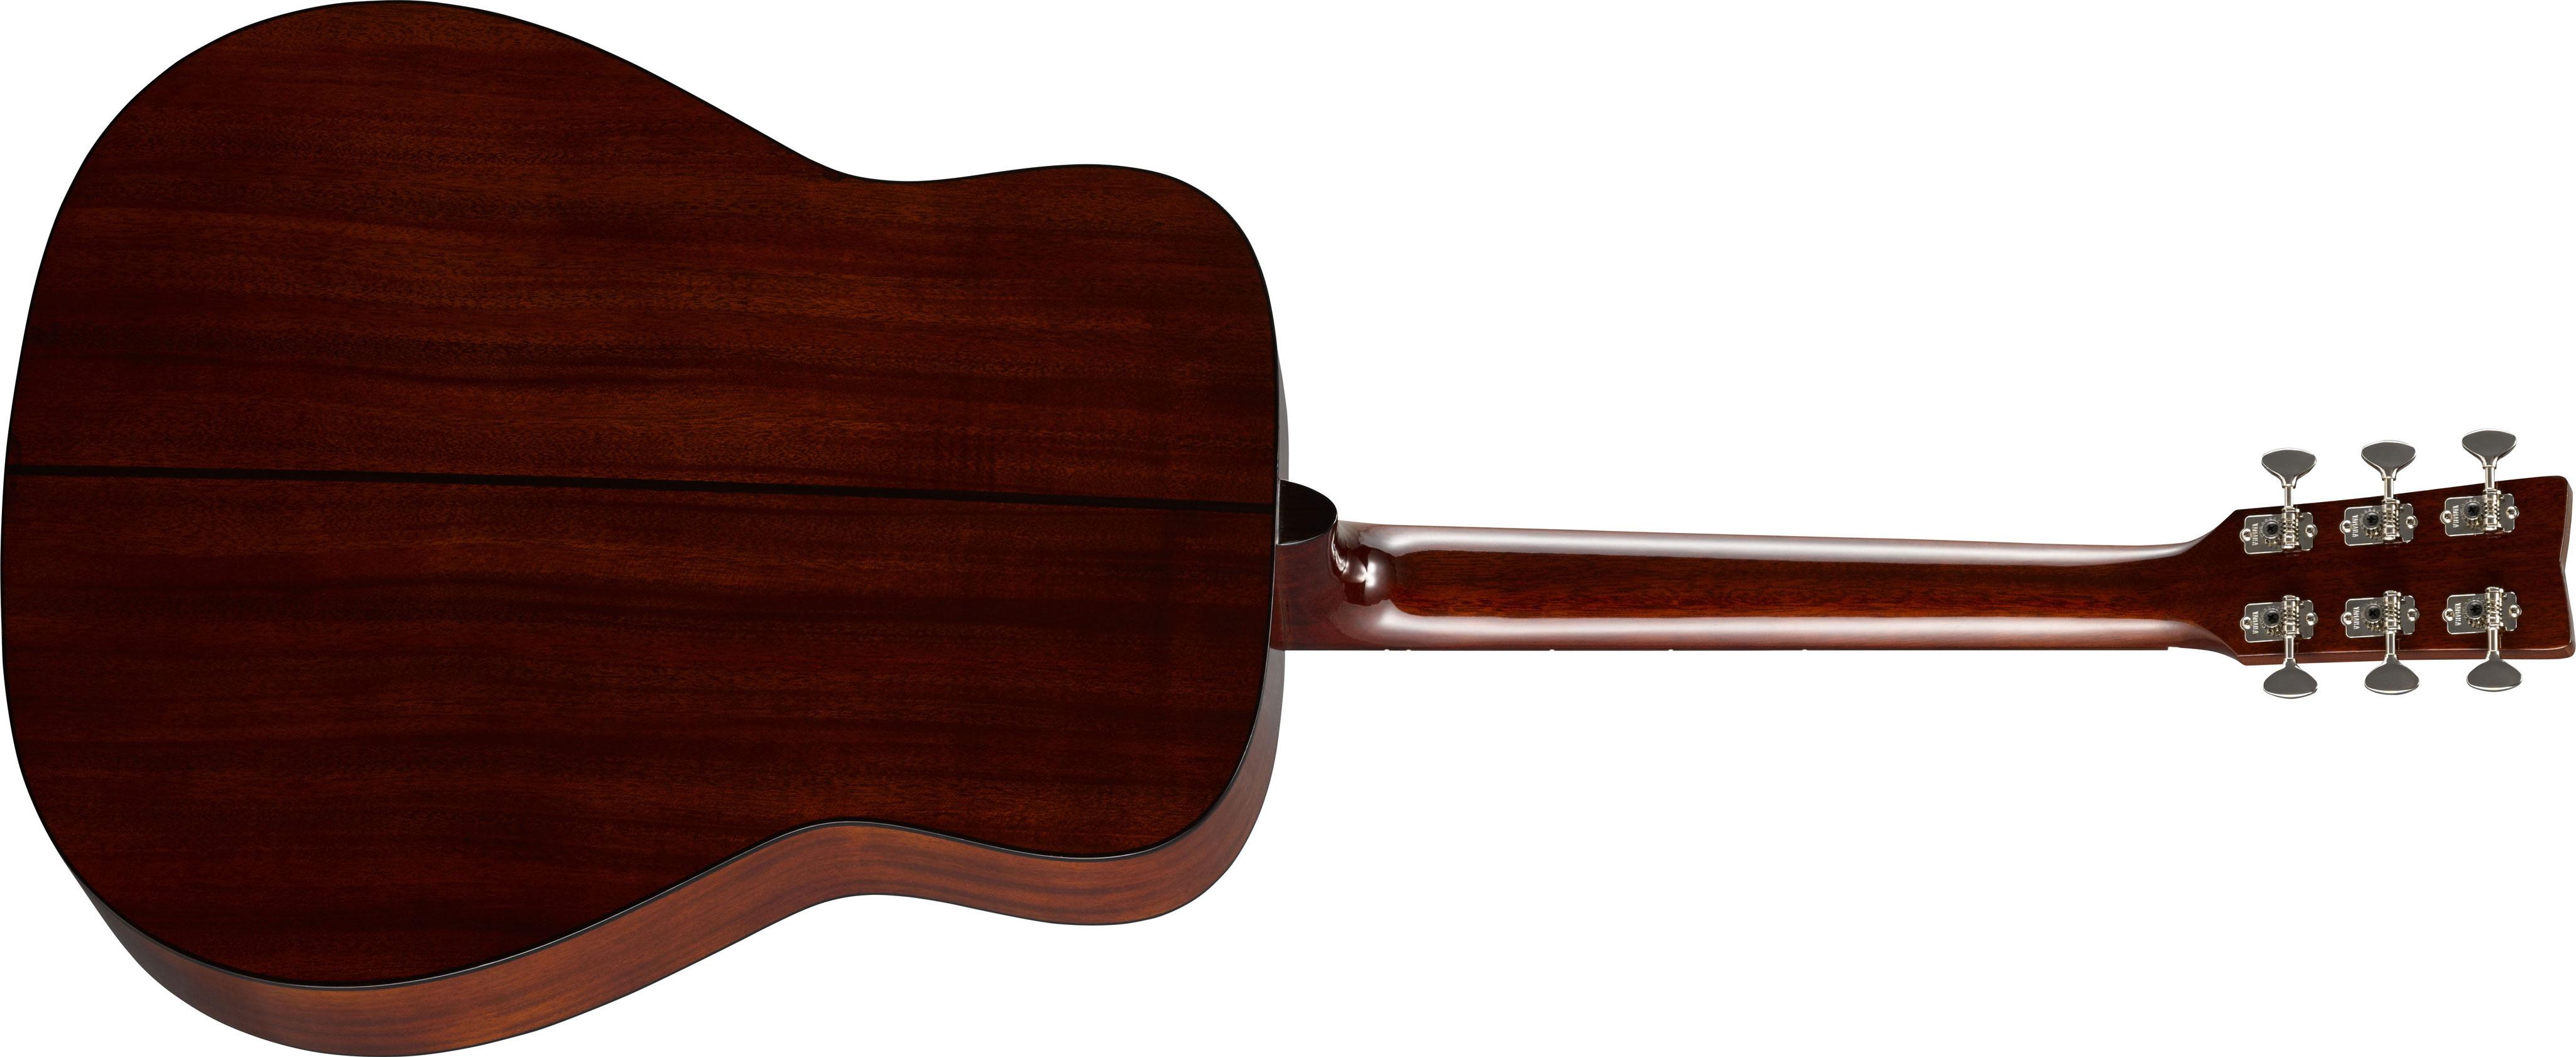 Yamaha guitars dating — 8